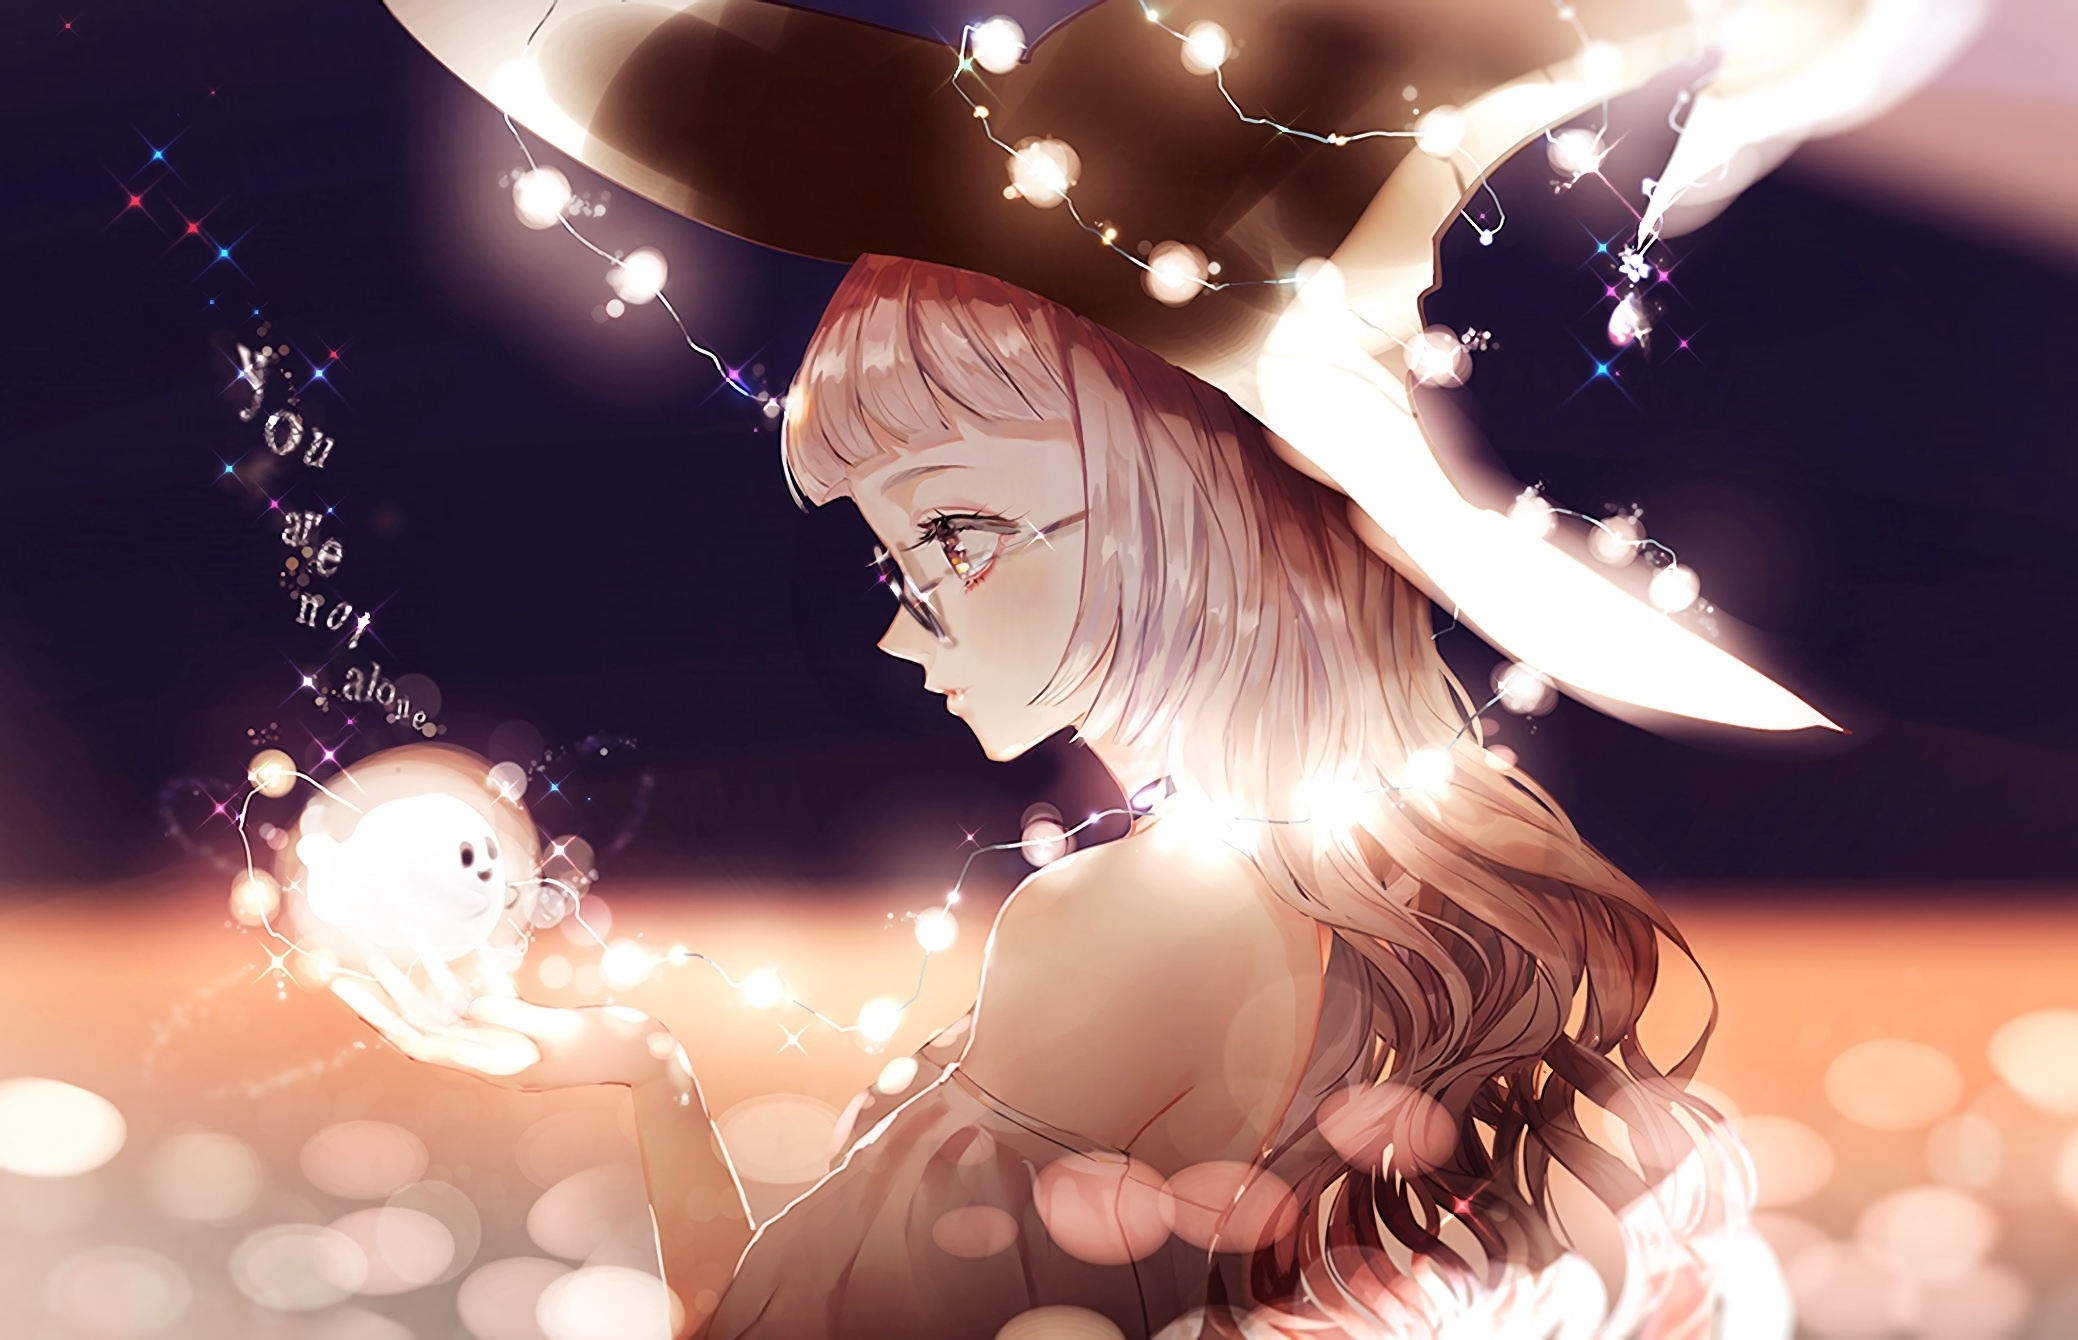 2205133-2078x1340-manga-kirisame-marisa-touhou01.jpg